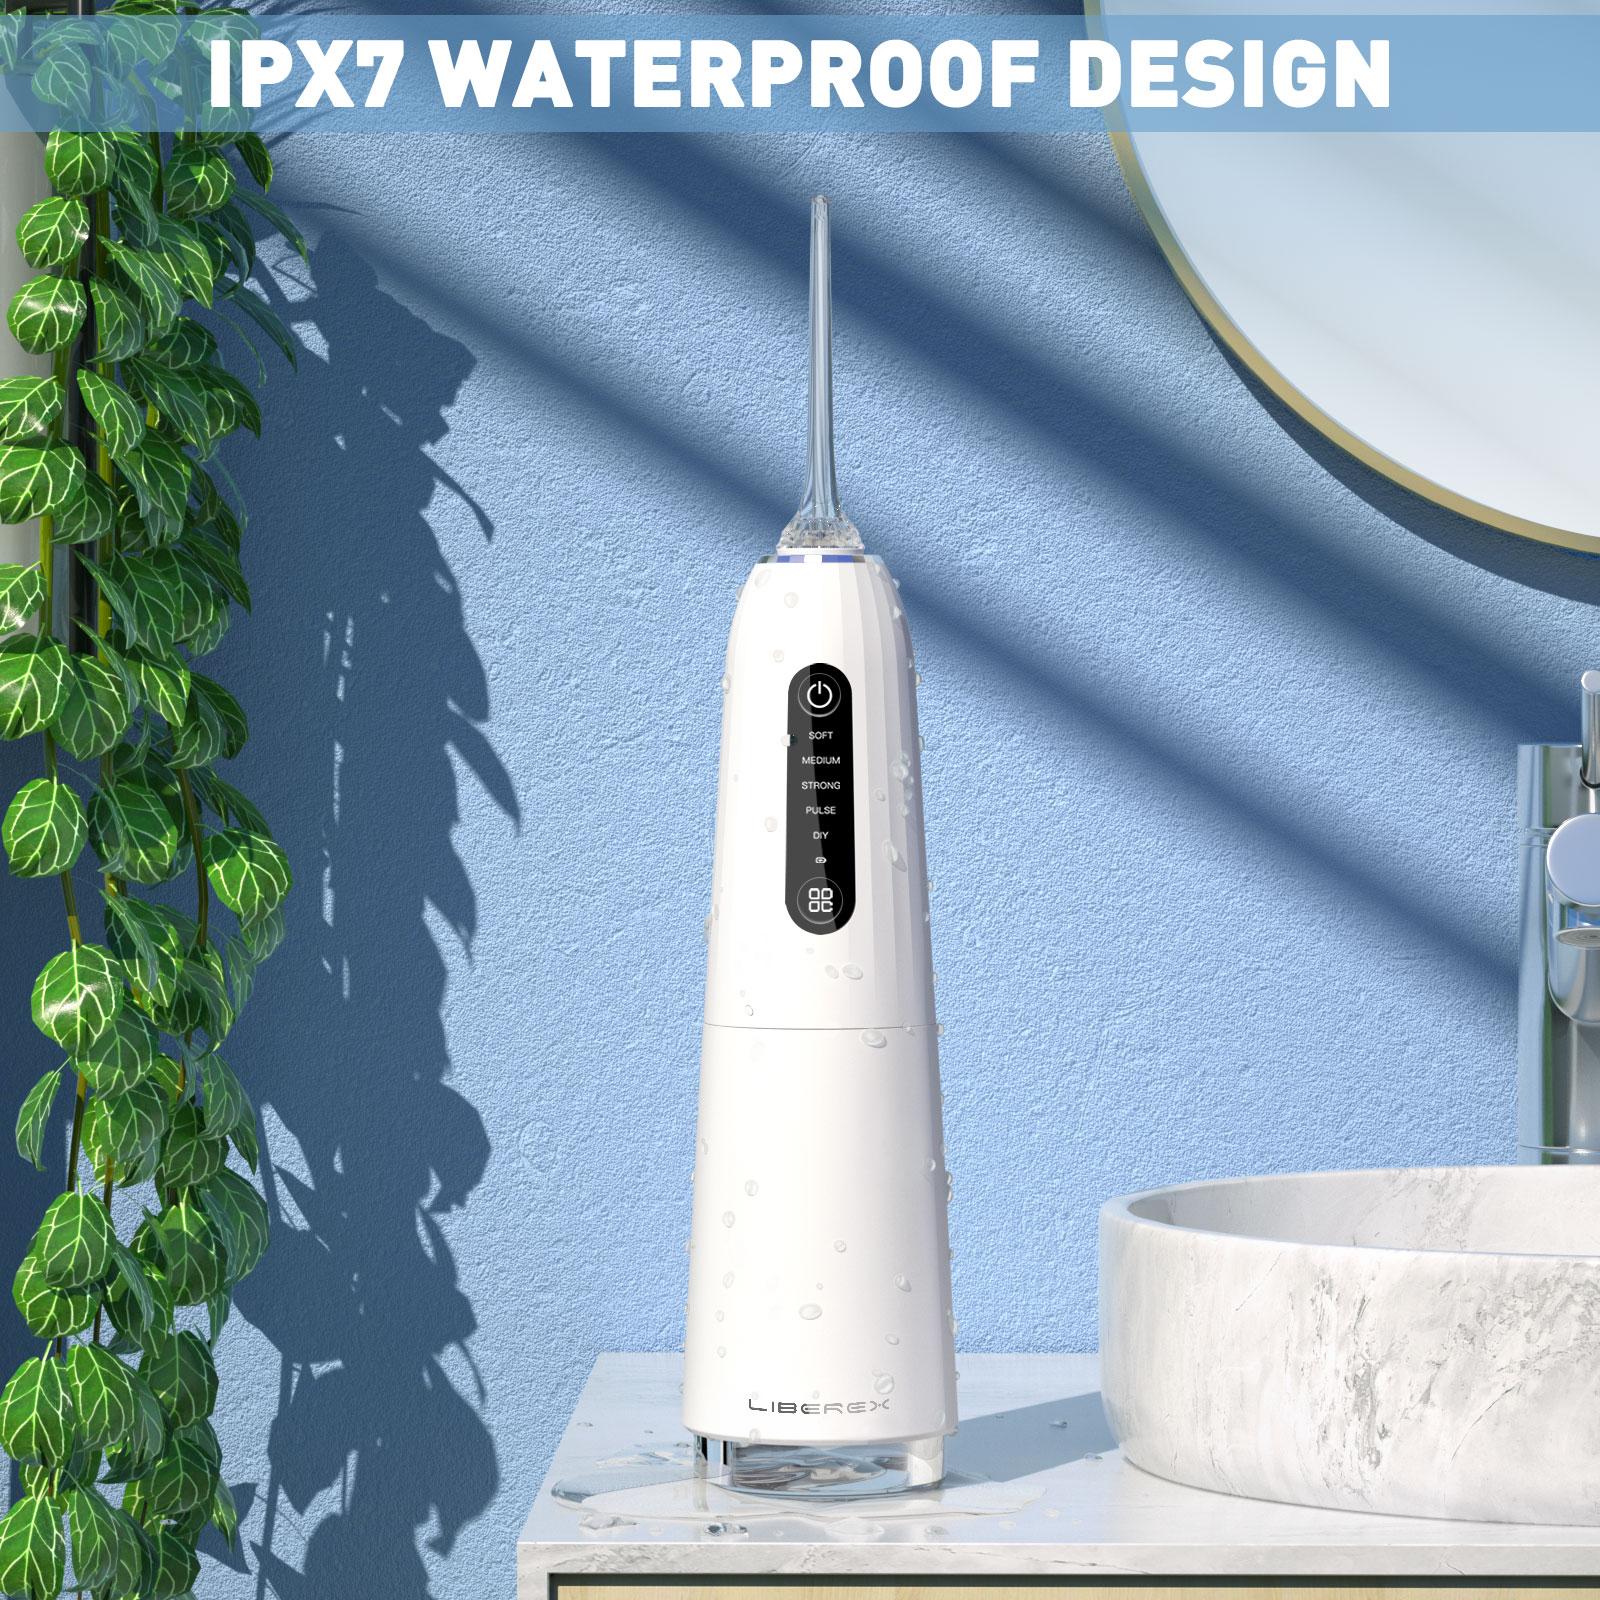 Liberex Portable Oral Irrigator Water Flosser Professional Cordless Dental IPX7 Waterproof Electric Irrigator Dental Teeth Clean enlarge